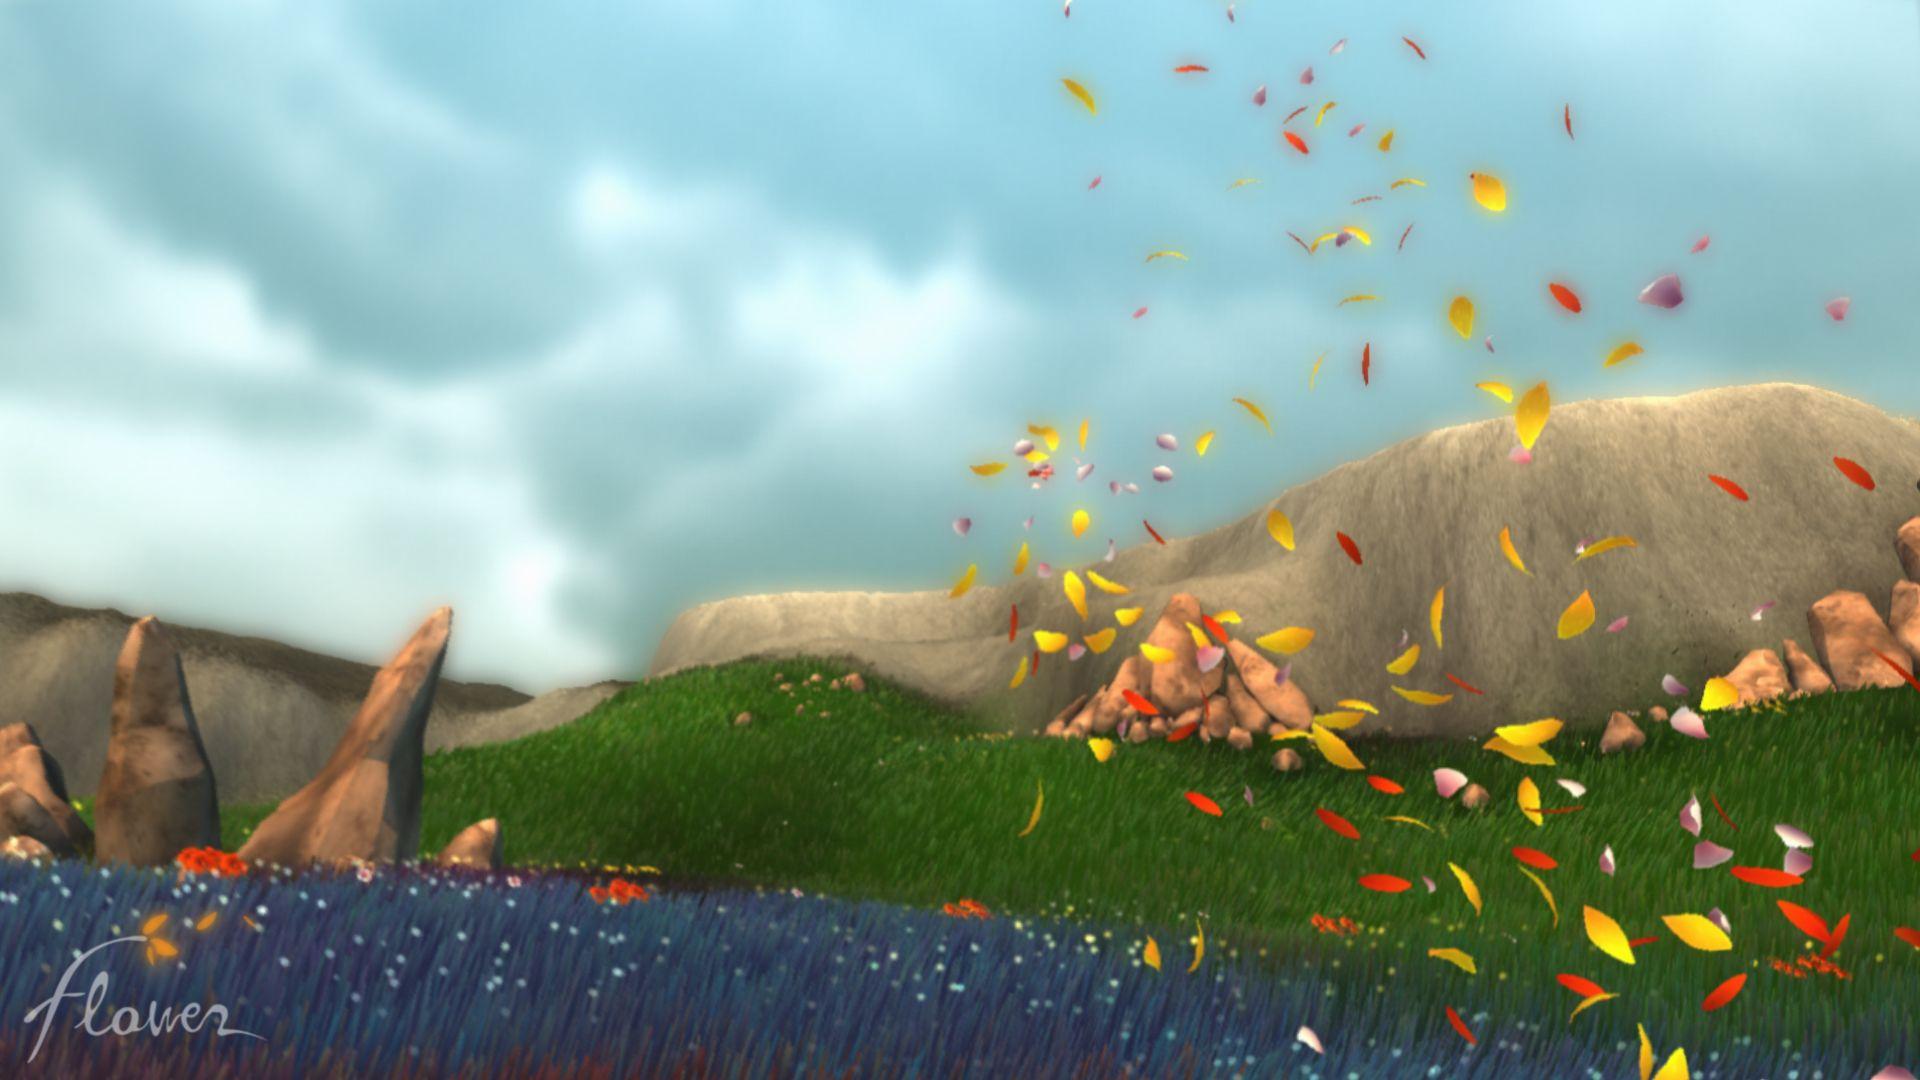 flower game wallpaper 14413